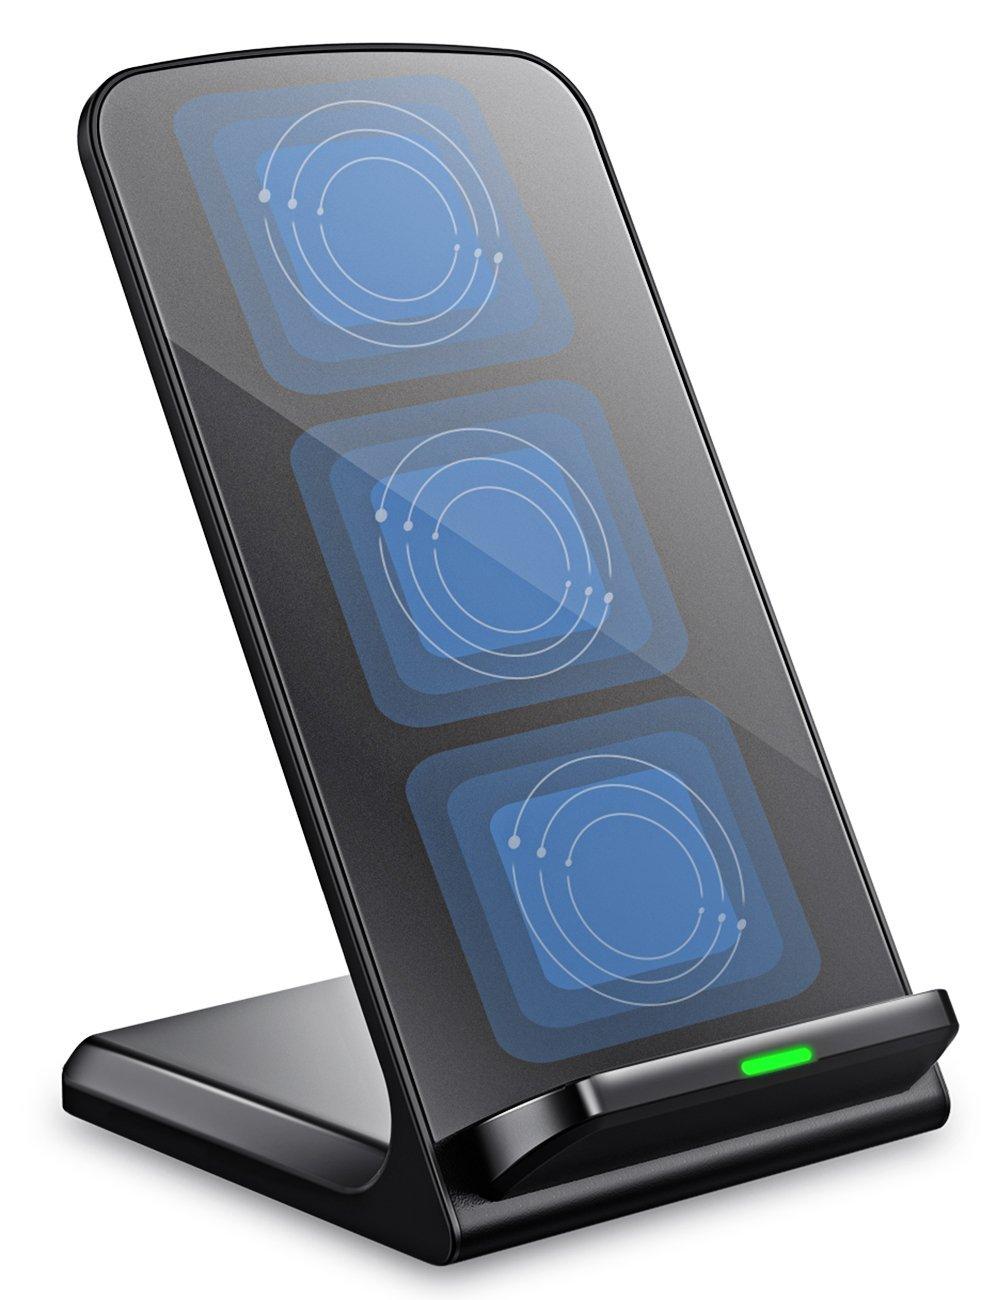 Turbot sạc không dây sạc không dây, 3-coil QI đứng PAD Samsung Galaxy S8, S8 PLUS, S7, S7 Edge, S6 E